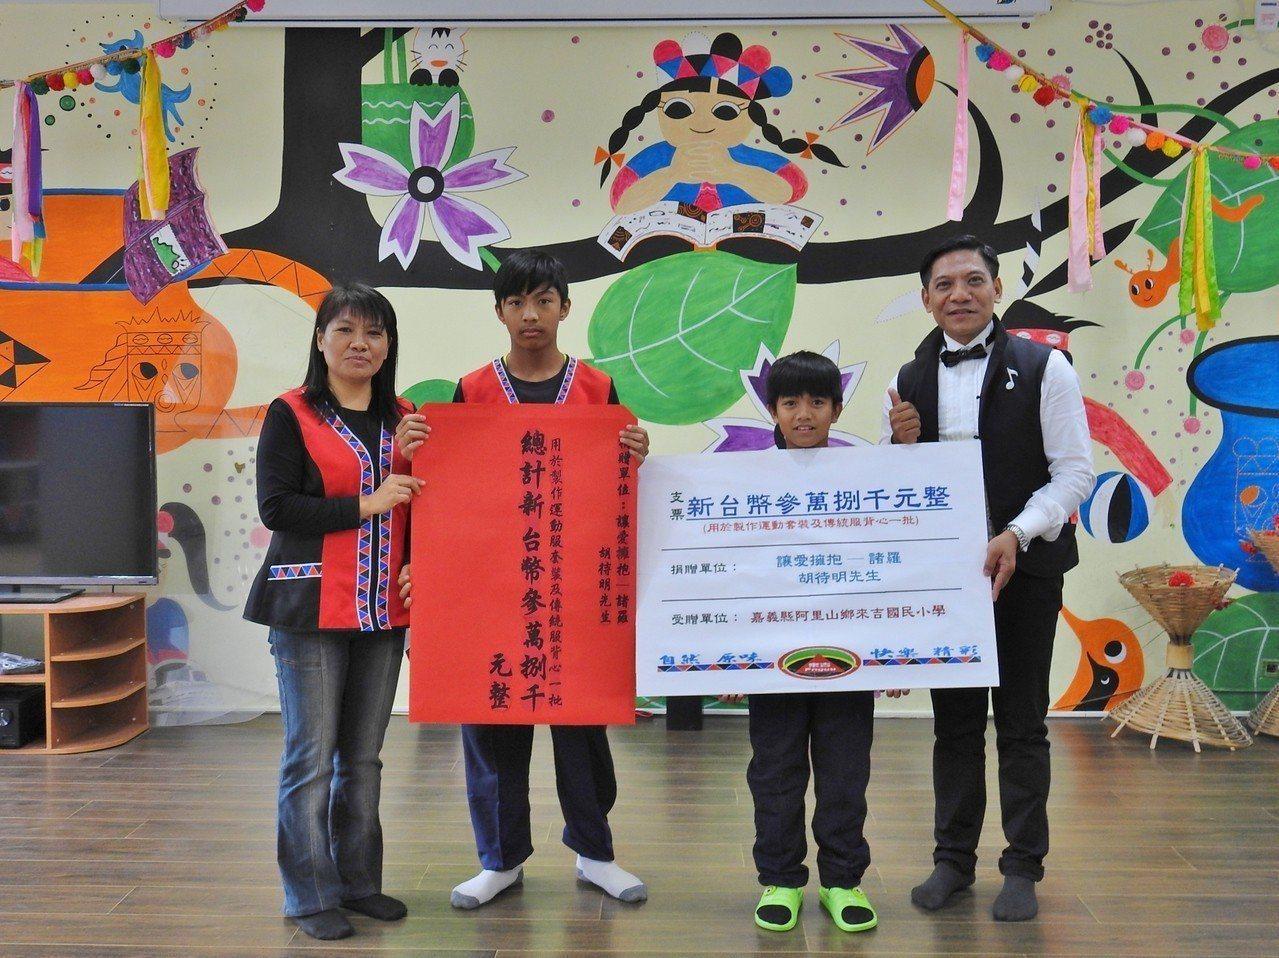 胡待明捐款為來吉國小學生們添購新運動套。圖/來吉國小提供